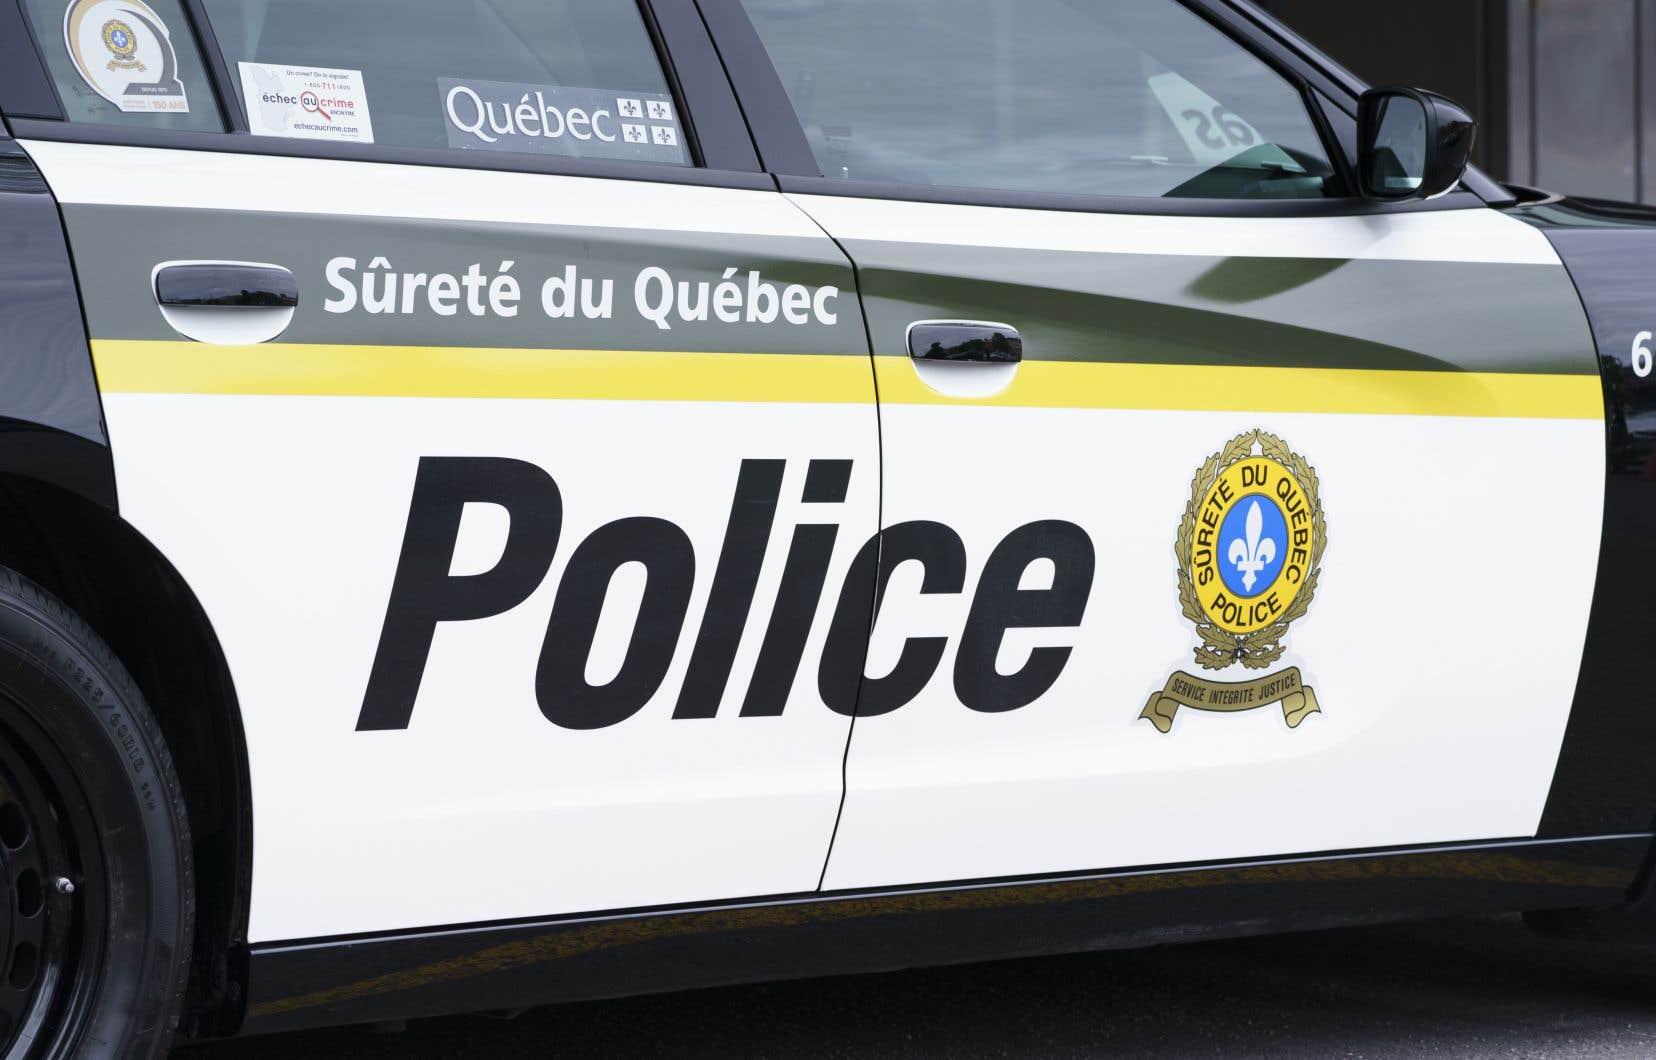 L'équipe des crimes contre la personne de la Sûreté du Québec et les policiers de Mercier sont chargés d'enquêter sur ce drame.